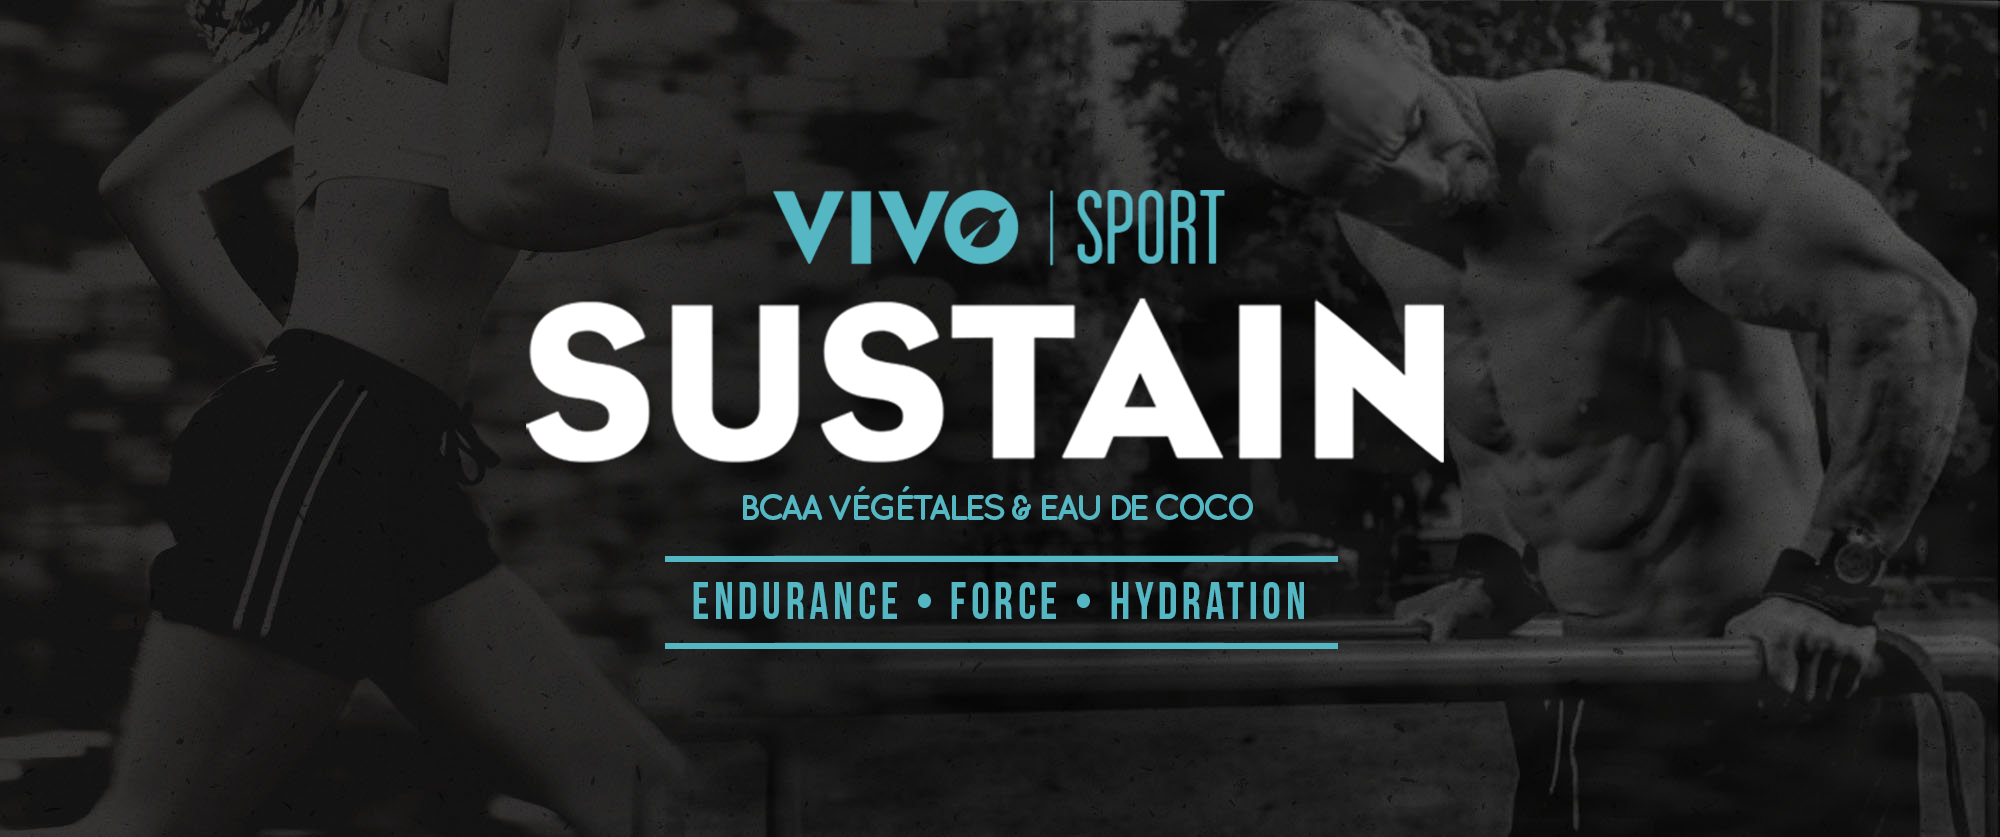 vivolife-sustain-endurance-force-hydratation